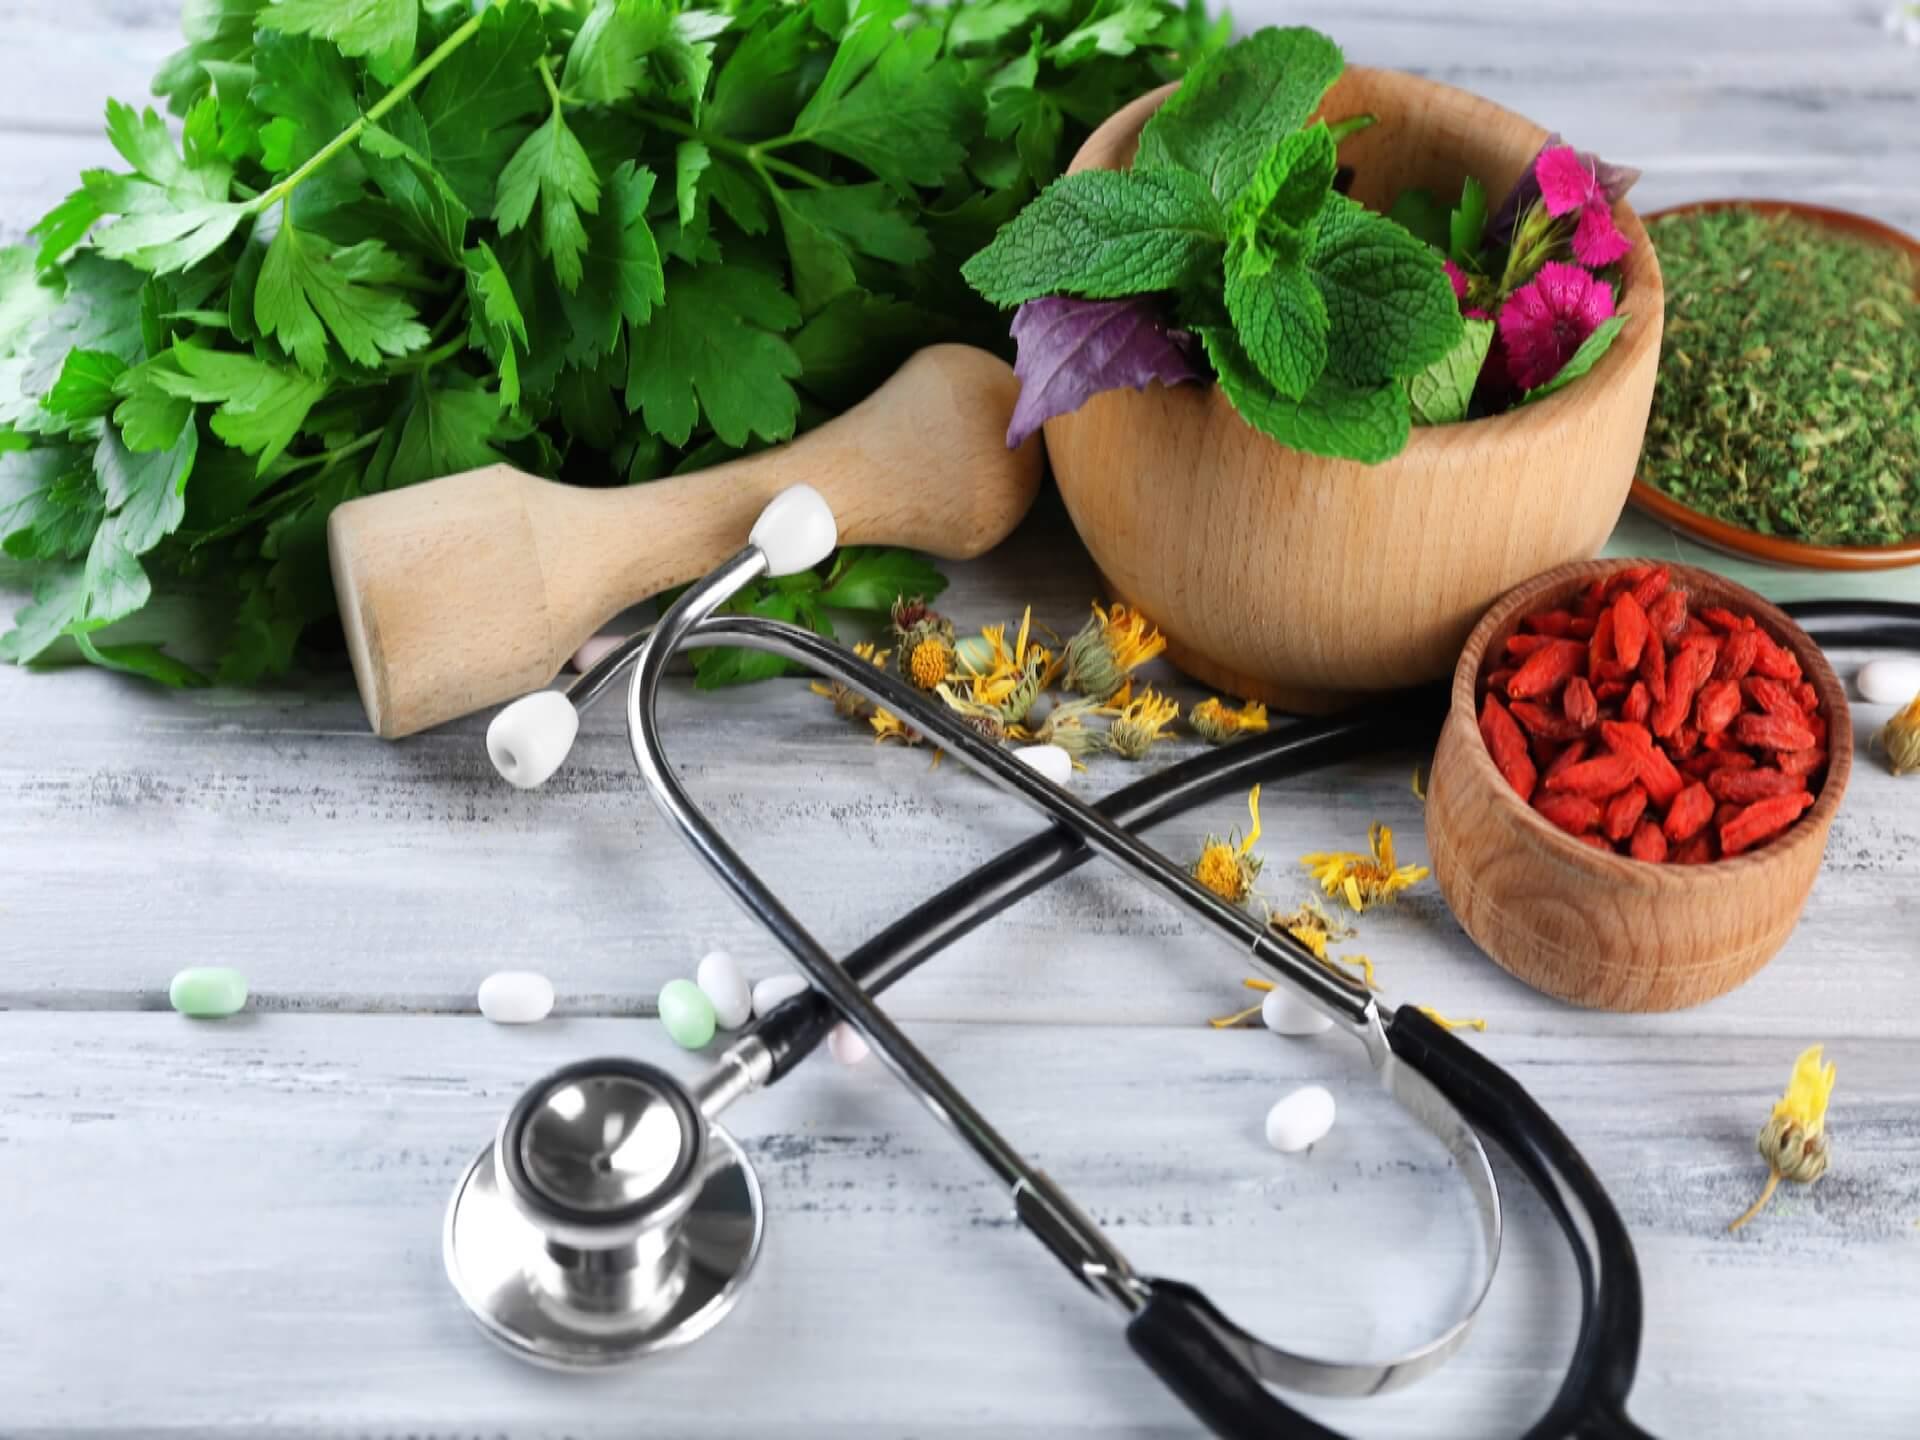 Системное применение продуктов Natural Health